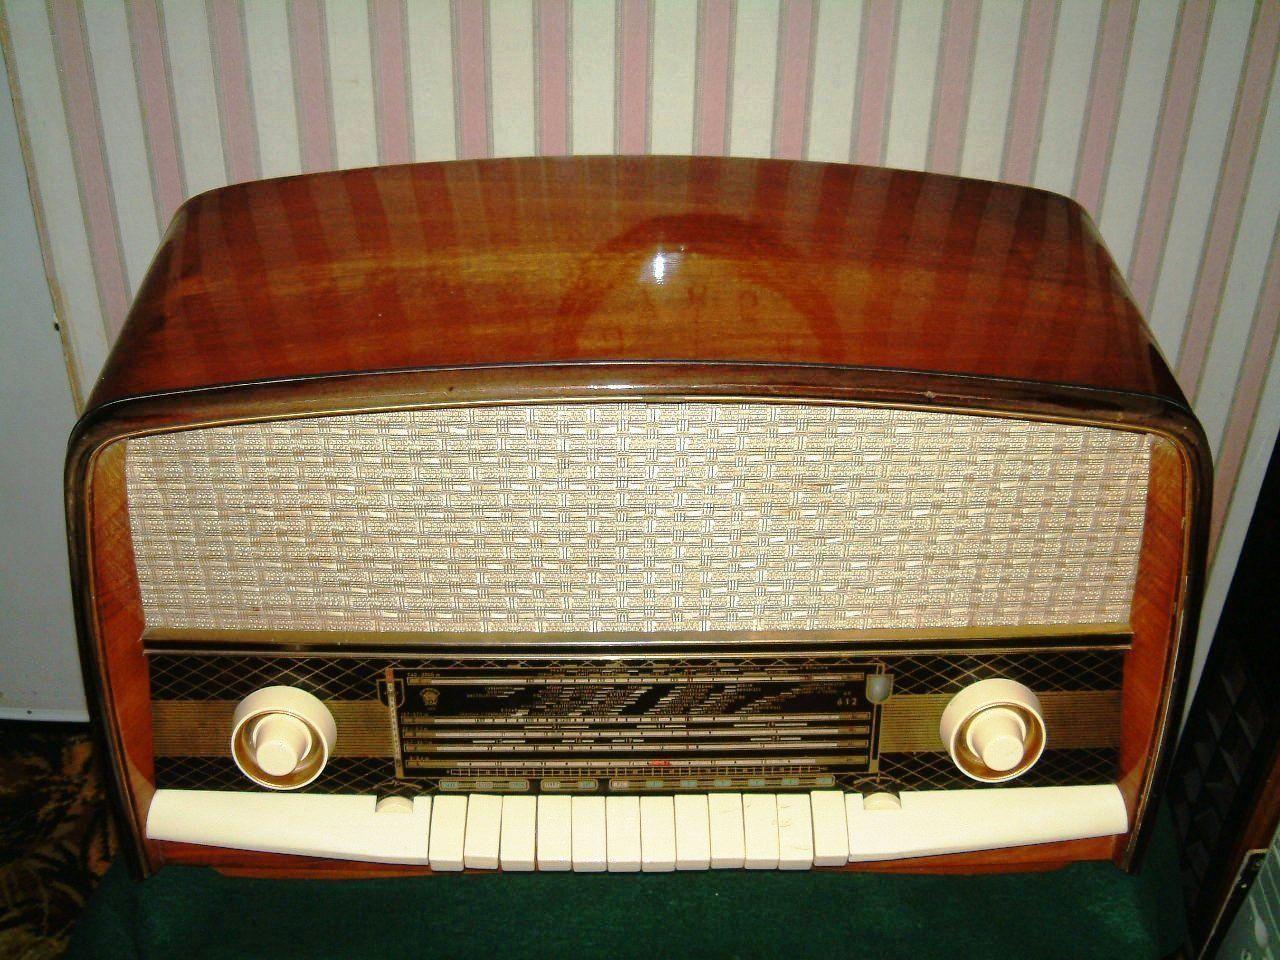 Vintage Orion Ar 612 Valve Radio Antique Radio Vintage Radio Old Radios